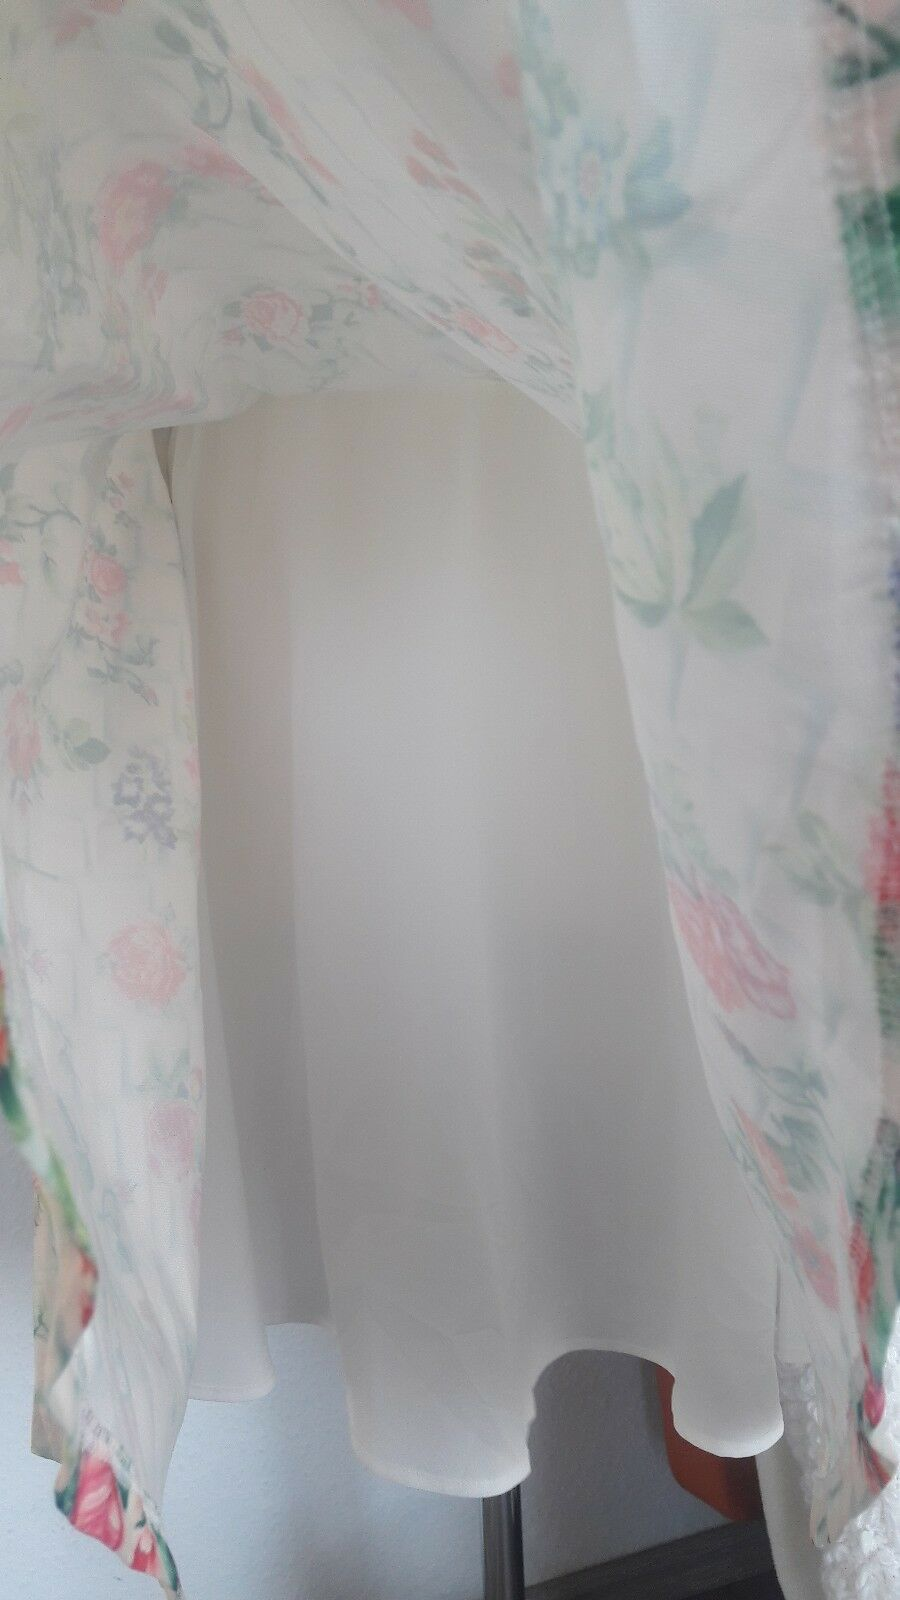 Dabuwawa vintage Korea  Sommerkleid Blaumen Puffärmel xs xs xs neu mit Etikett   Online einkaufen    Für Ihre Wahl    Hohe Qualität  ed48ef